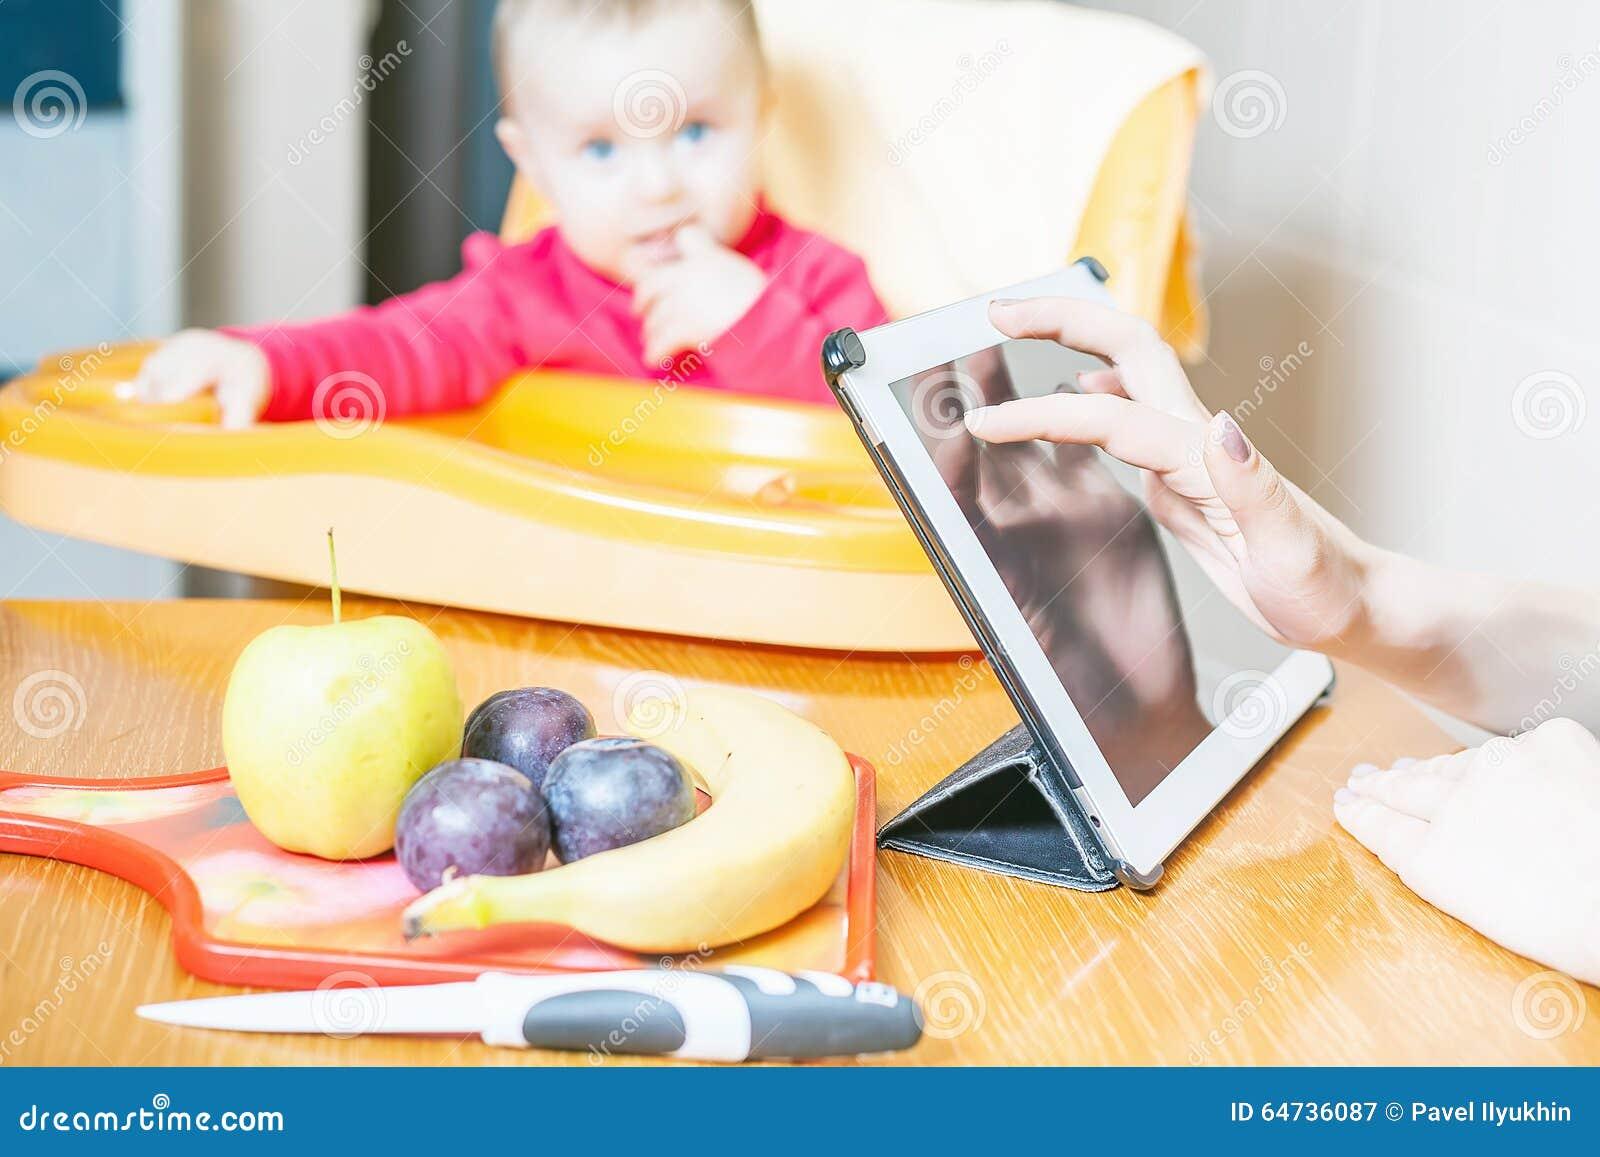 Madre che cerca ricetta della preparazione di alimenti per bambini